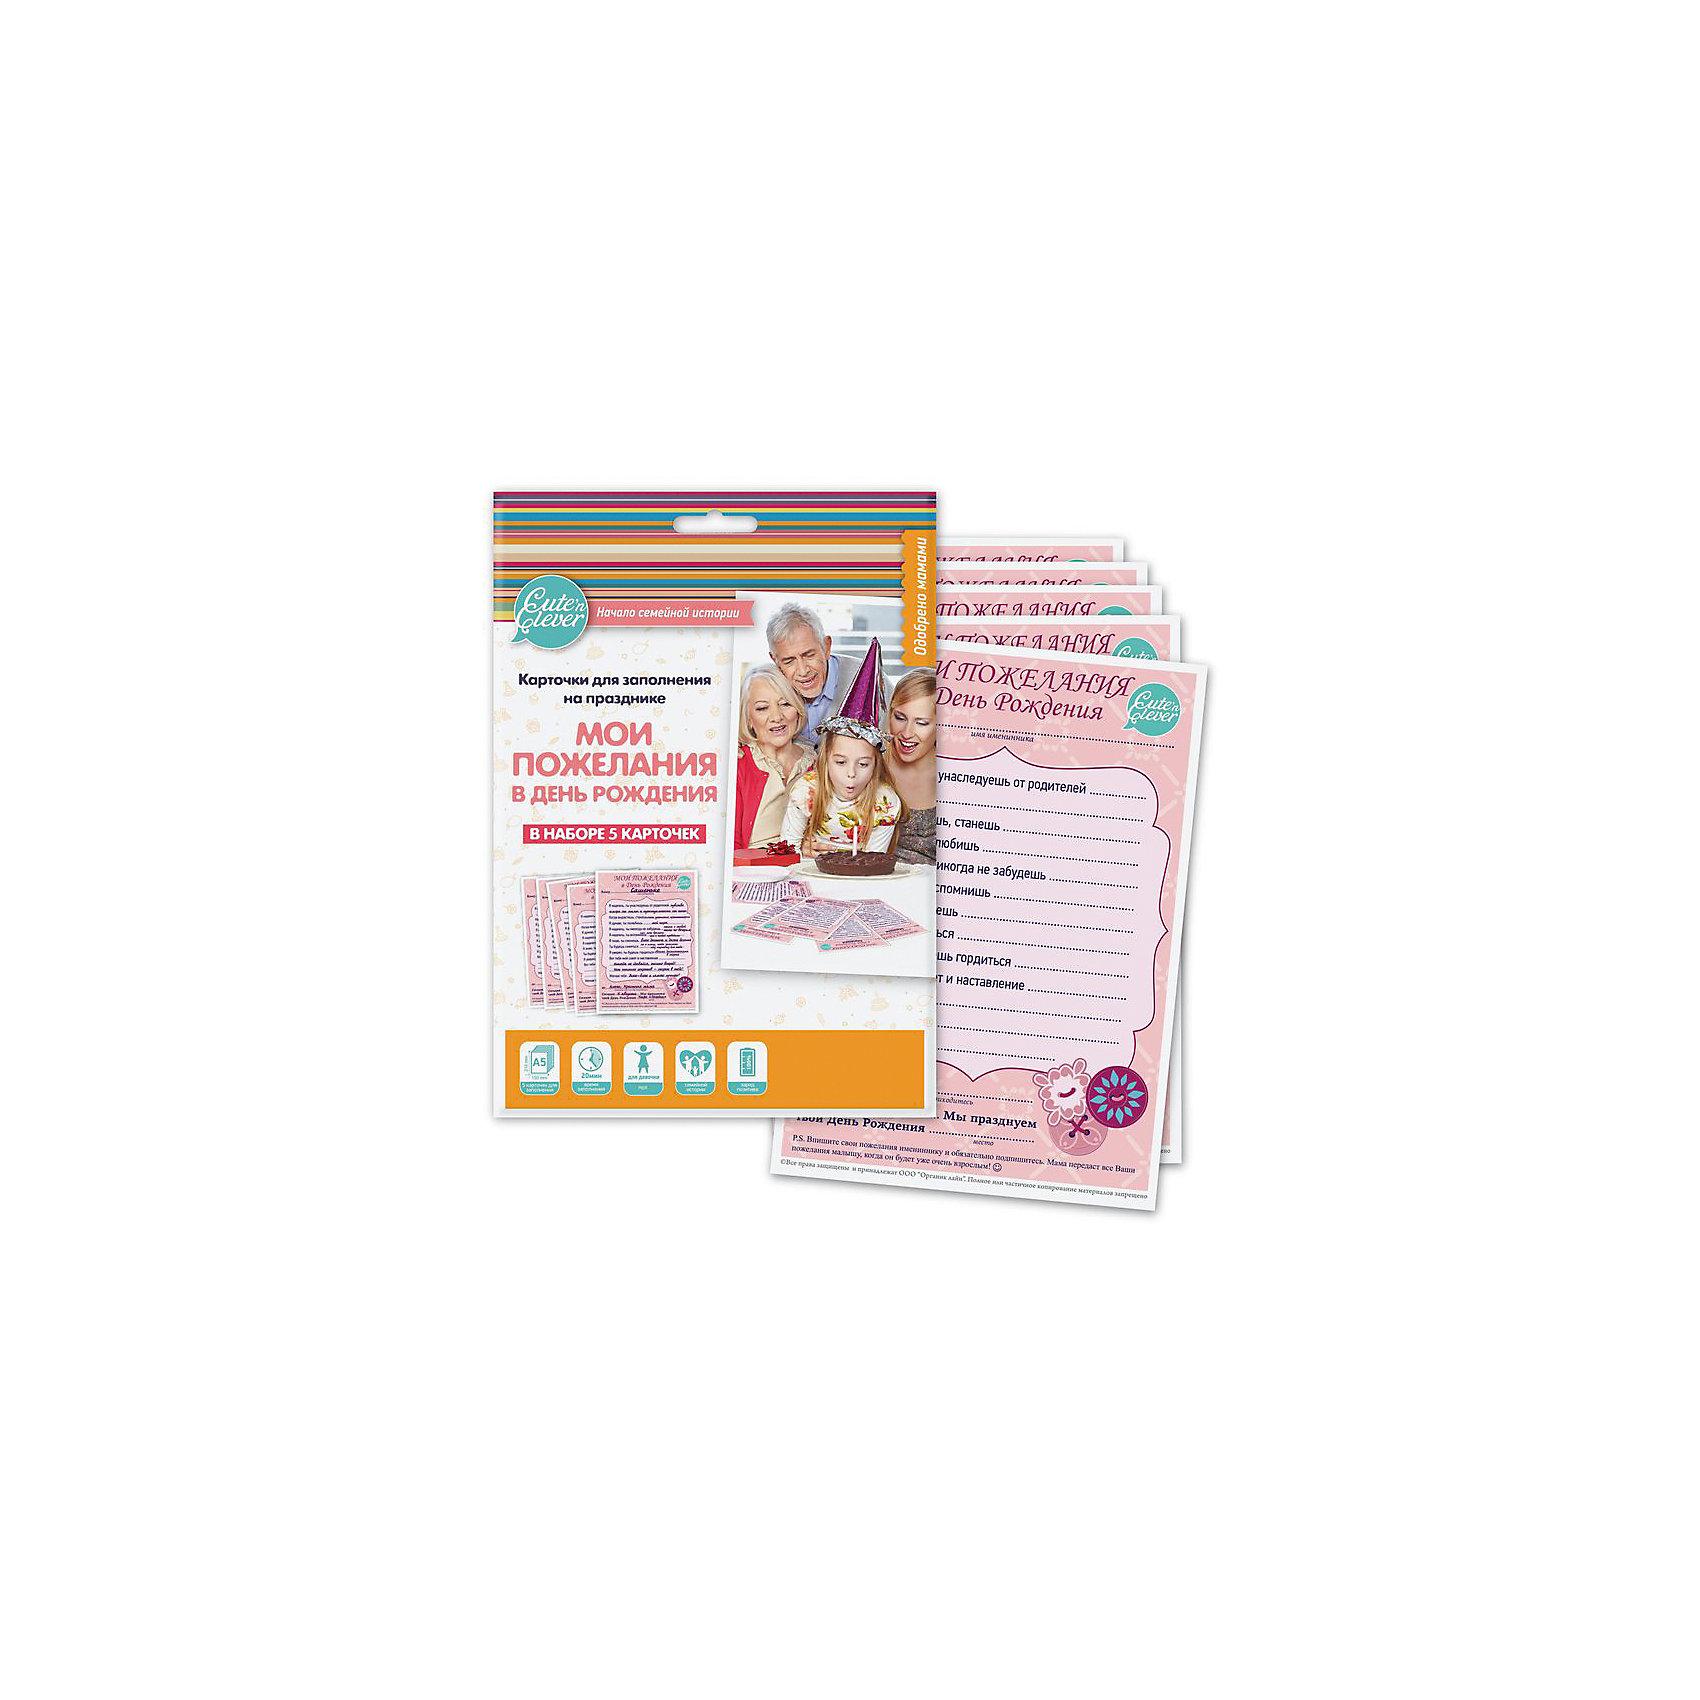 Интерактивные карточки Мои пожелания в День рождения. Для девочек, Cuten CleverПраздники<br>Интерактивные карточки Мои пожелания в День рождения. Для девочек, Cuten Clever.<br><br>Характеристики:<br><br>• В наборе: 5 карточек в конверте<br>• Материал: картон<br>• Цвет: розовый<br>• Размер упаковки: 17х26,5 см.<br><br>Хотите немного интерактива в День Рождения? Предлагаем Вам замечательные карточки Мои Пожелания в День Рождения. Для девочек. Эти карточки следует раздать гостям на празднике для заполнения и вместо банальных поздравлений, у вашей малышки будут оригинальные и интересные пожелания на будущее. Гости предположат, кем малышка сможет стать, когда вырастет, чего она сможет достичь и т.д. <br><br>Перечень пожеланий начинается с фразы, напечатанной заранее. Нужно только продолжить фразу на отведенных для этого линиях. На карточках есть место для даты события, имени именинницы и гостя, который пишет поздравление. Очень забавно будет перечитать пророчества гостей и увидеть, что сбылось, когда вашей девочке исполнится 25 лет!<br><br>Интерактивные карточки Мои пожелания в День рождения. Для девочек, Cuten Clever можно купить в нашем интернет-магазине.<br><br>Ширина мм: 265<br>Глубина мм: 170<br>Высота мм: 50<br>Вес г: 50<br>Возраст от месяцев: 36<br>Возраст до месяцев: 2147483647<br>Пол: Женский<br>Возраст: Детский<br>SKU: 5454164